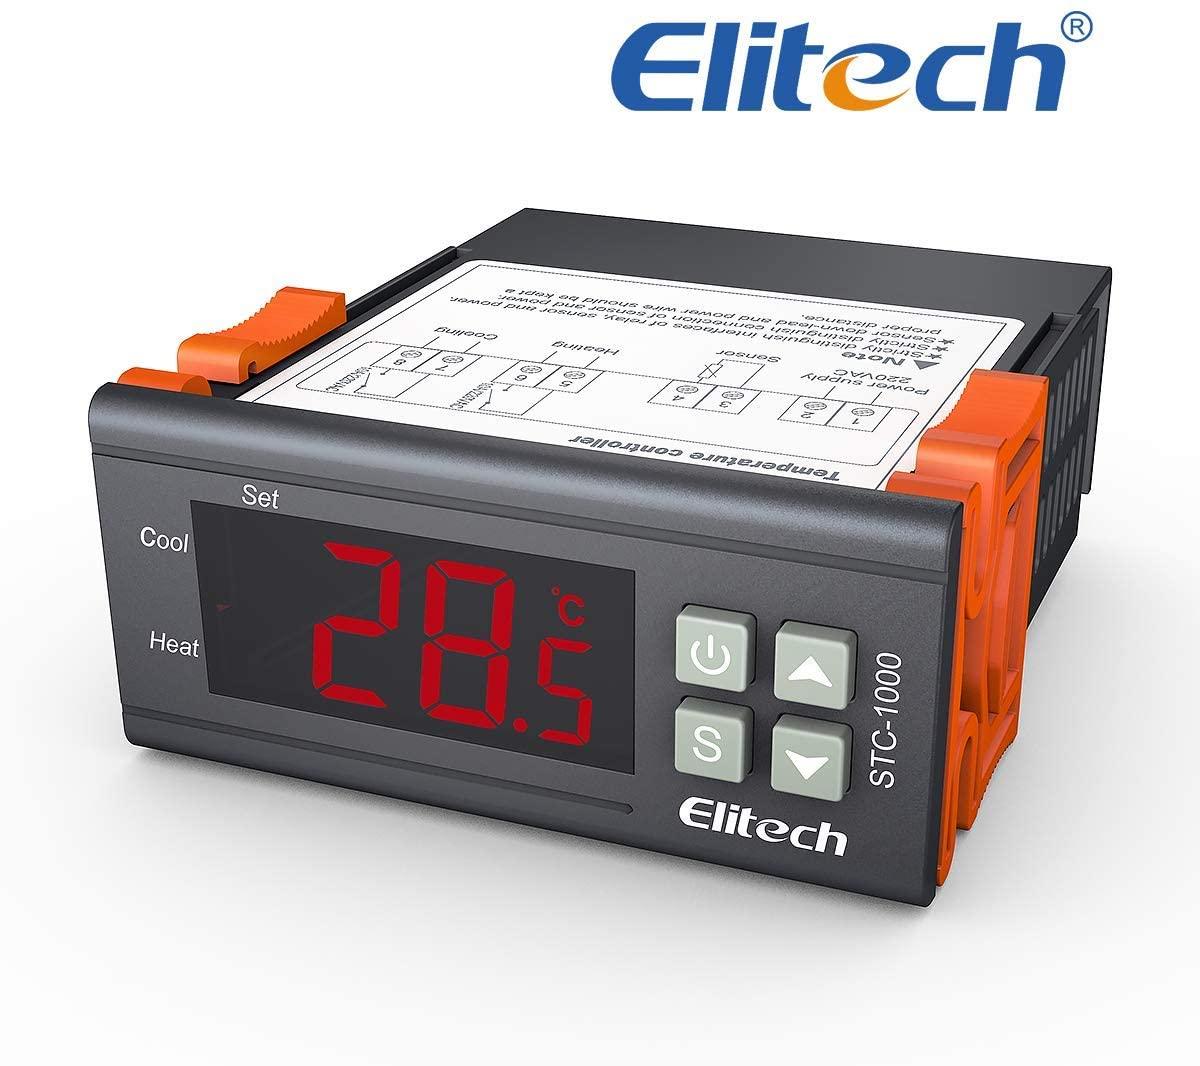 Termostato STC-1000, Elitech 220V Digital Display LCD Sensor Controlador de Temperatura Termostato para Todo Uso en el Acuario de la Aprobación CE✩Garantía de 12 meses✩